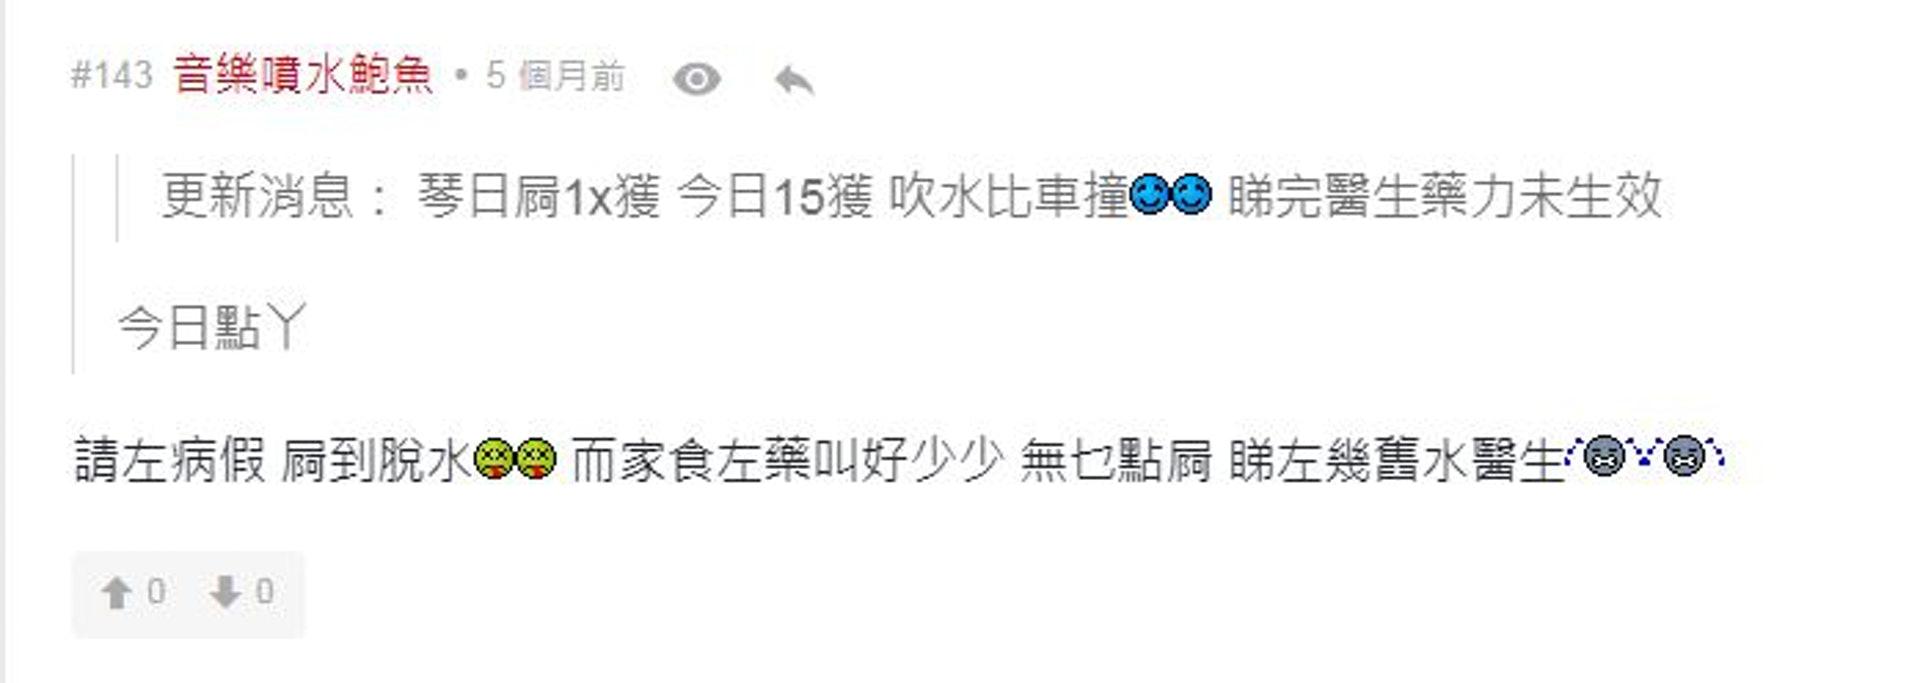 有網友曾表示,食完麒麟果後兩日共去了近30次大便,屙到幾乎脫水,最後要睇醫生和食止屙丸。